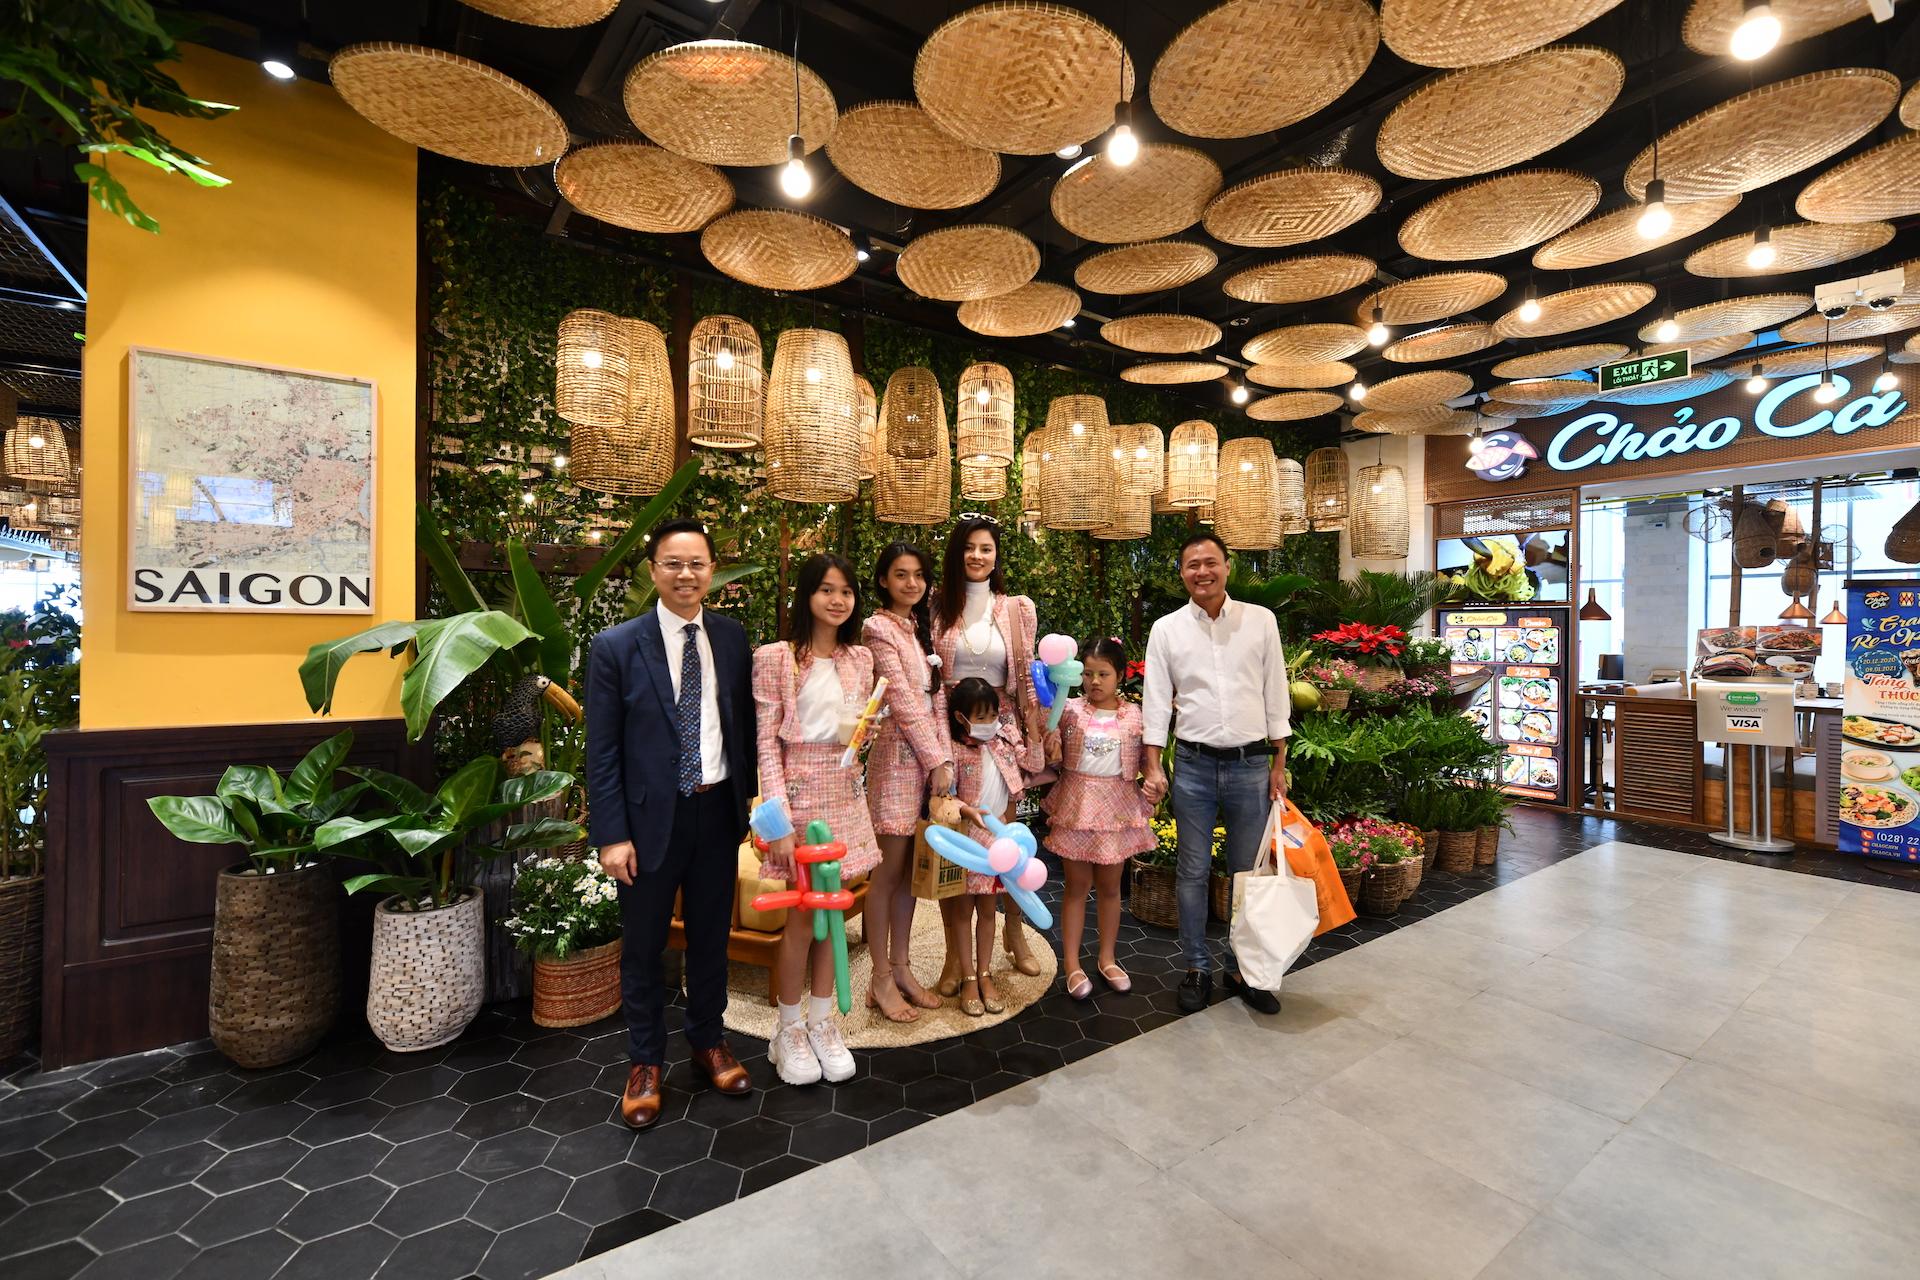 Menas Mall Saigon Airport đã mở cửa trở lại - Ảnh 4